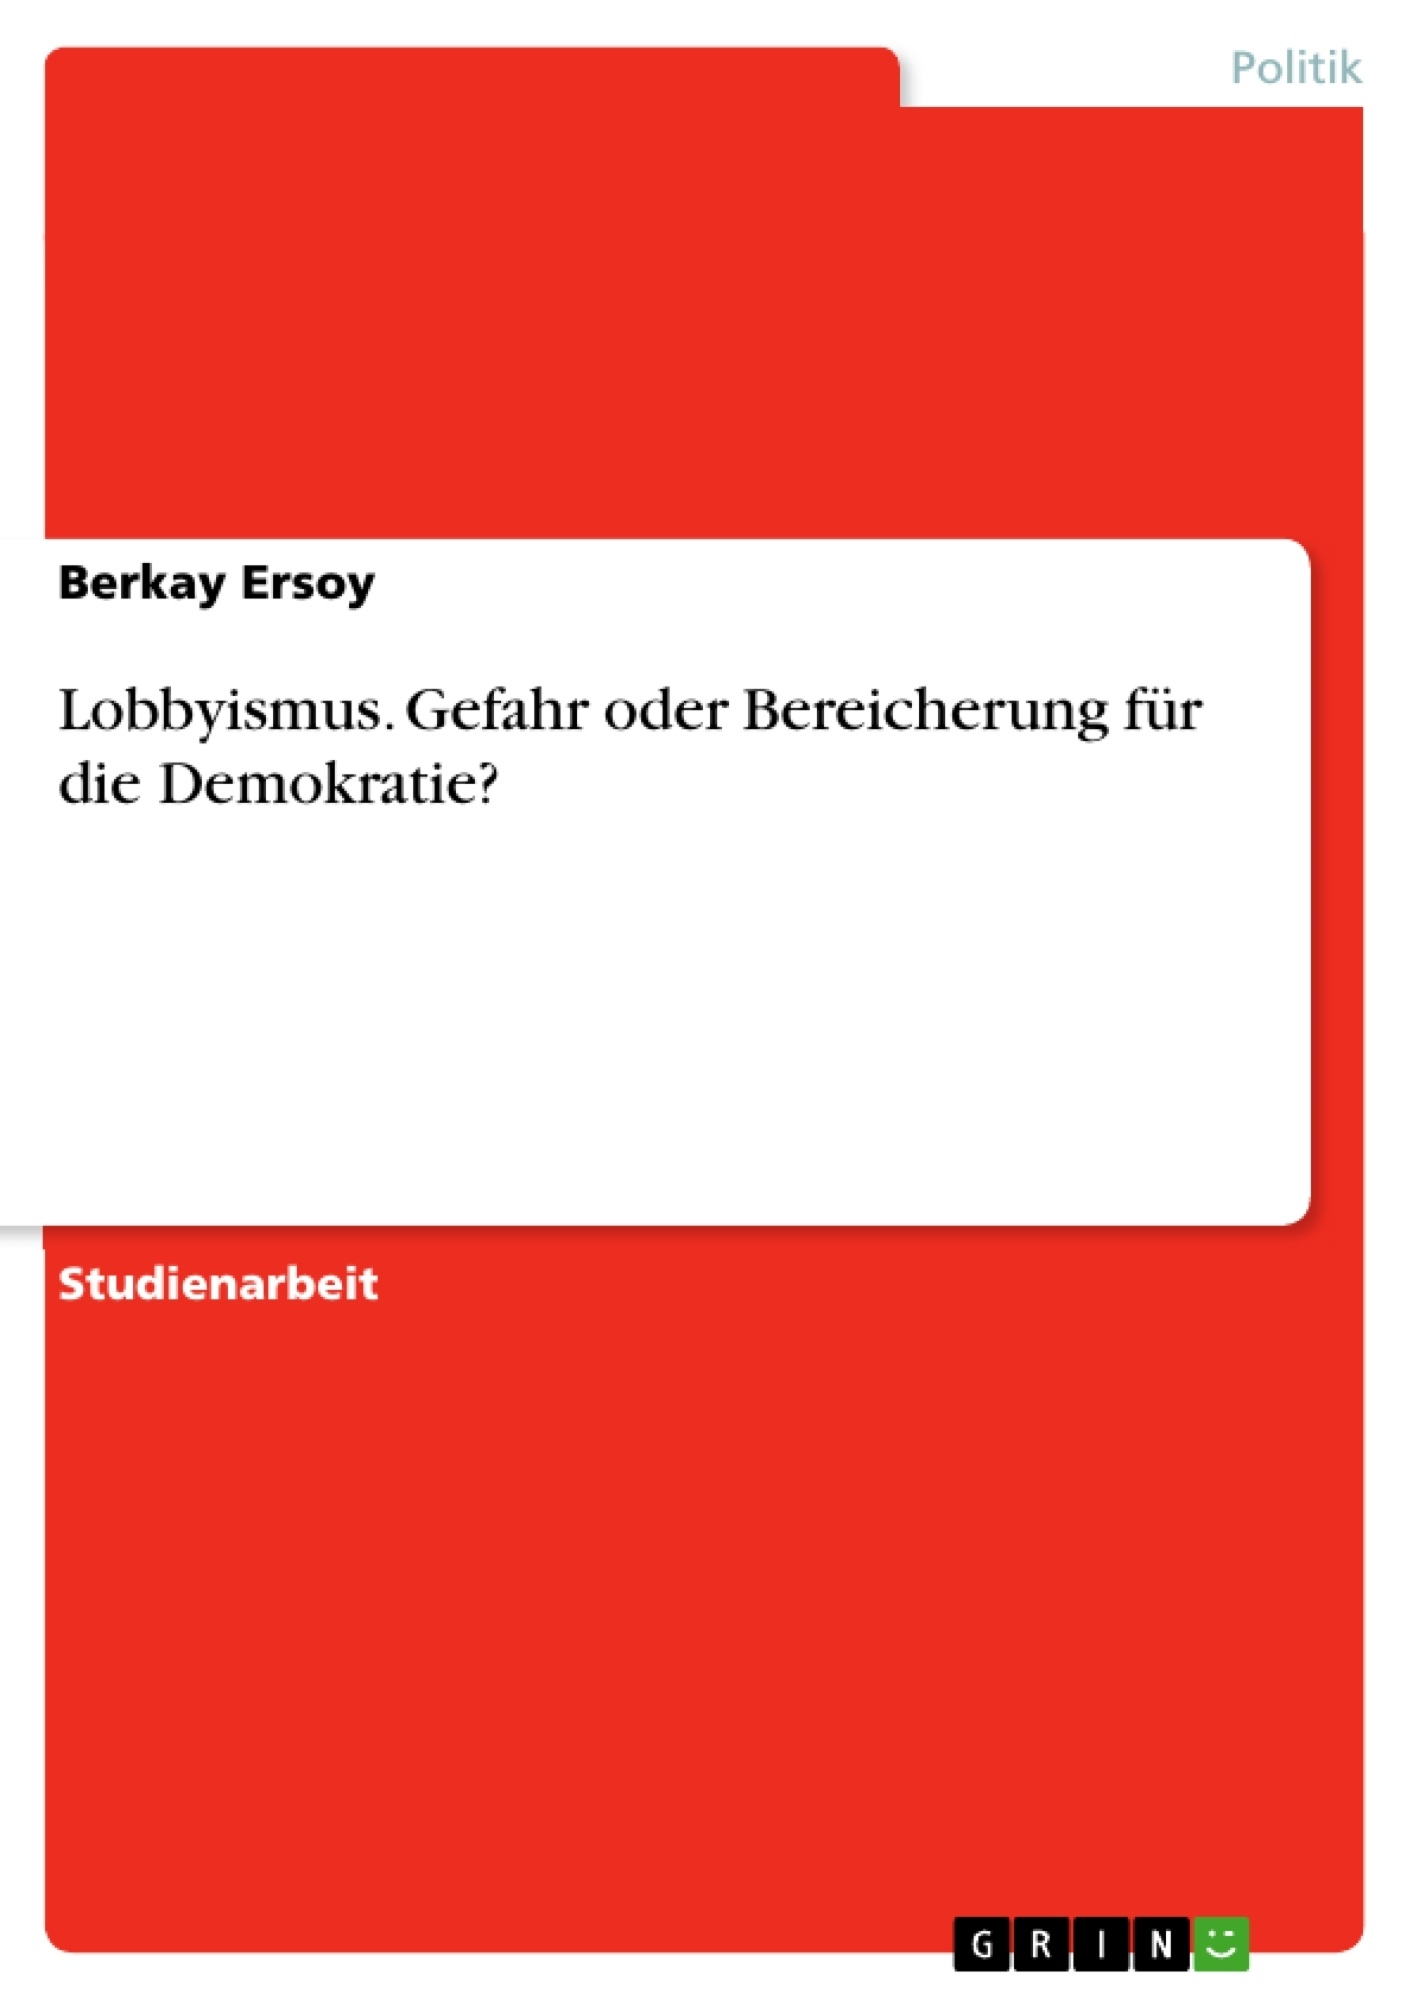 Titel: Lobbyismus. Gefahr oder Bereicherung für die Demokratie?